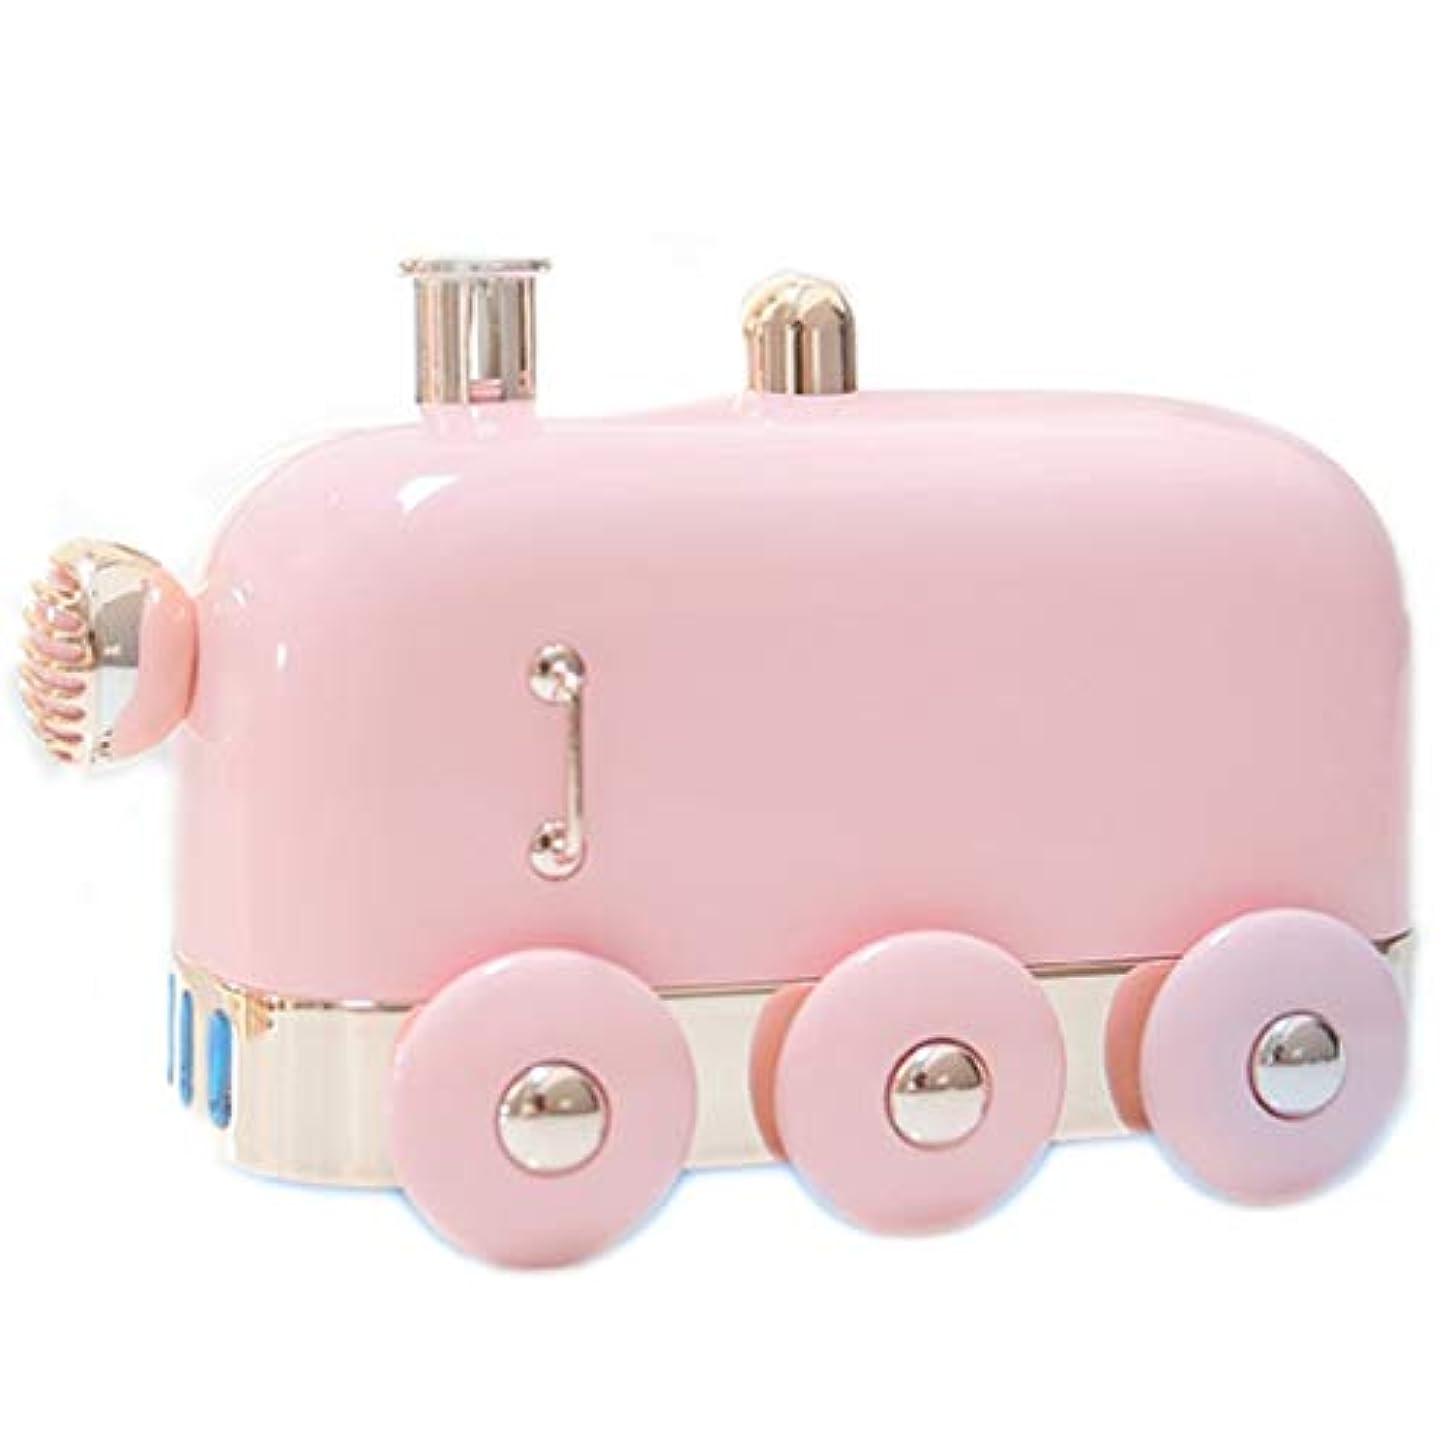 いくつかの知るインスタントアロマセラピーエッセンシャルオイルディフューザー、アロマディフューザークールミスト加湿器ウォーターレスオートシャットオフホームオフィス用ヨガ (Color : Pink)